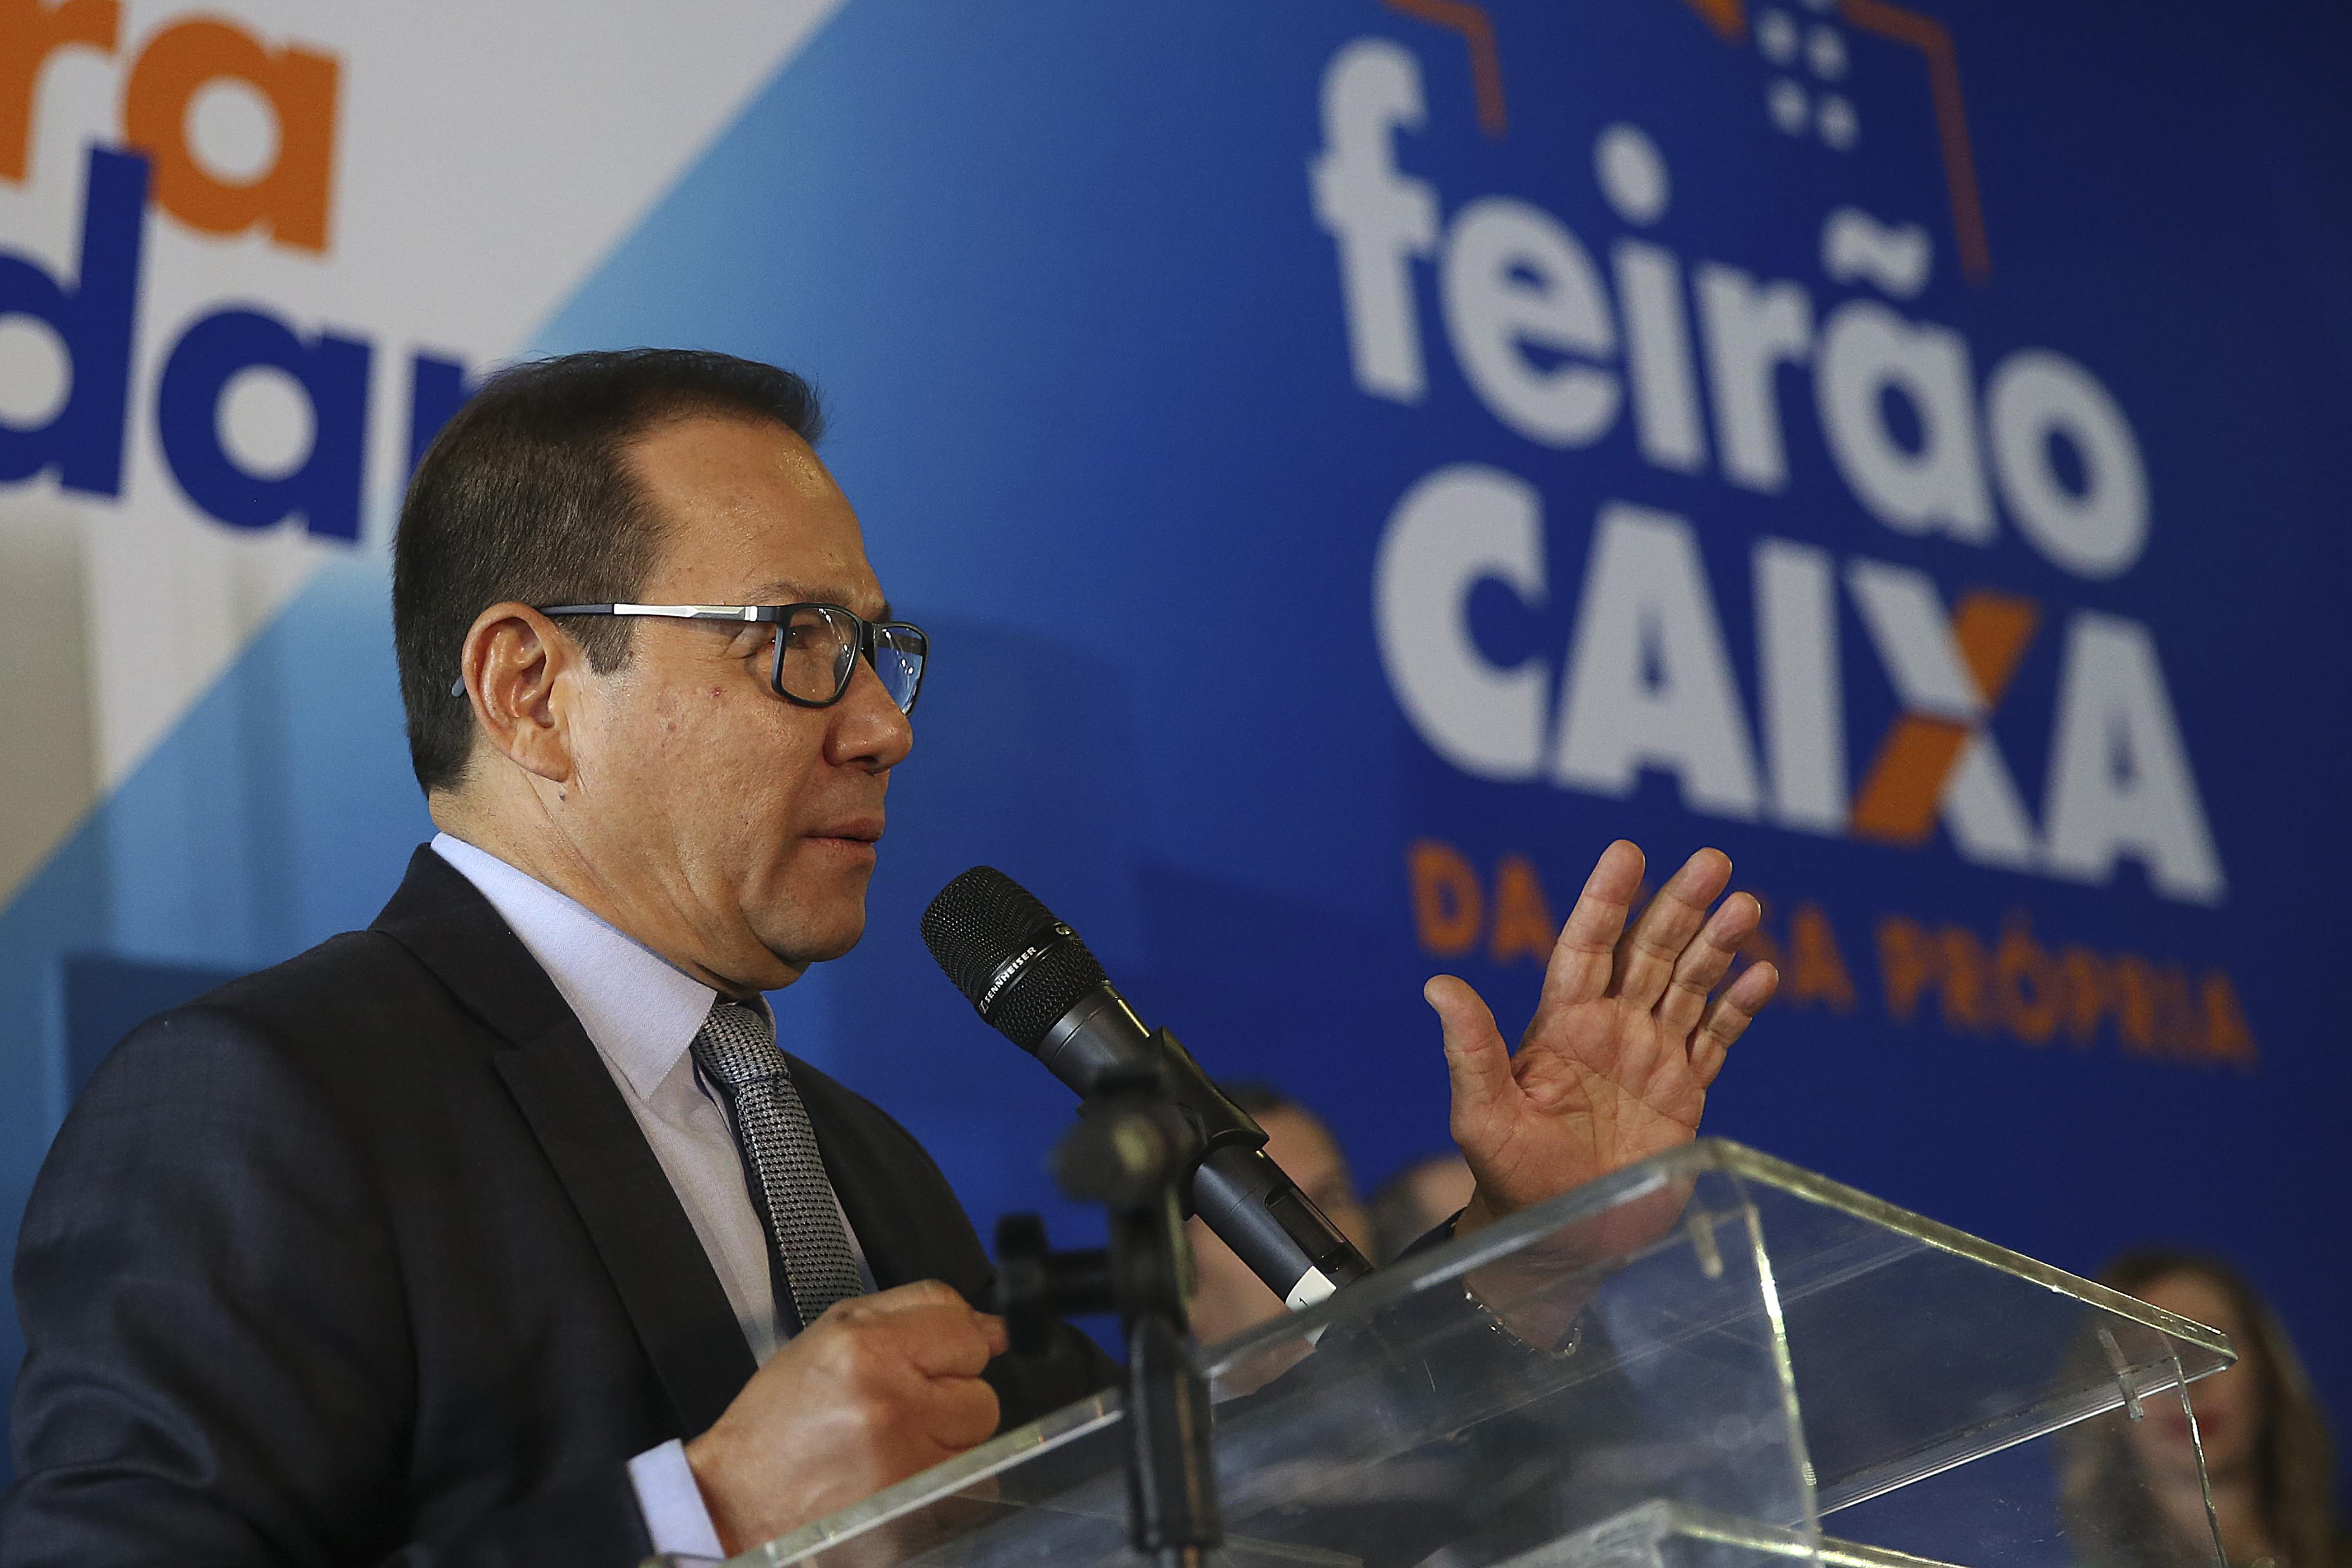 NelsonPresidenteCaixa-600x400.jpg